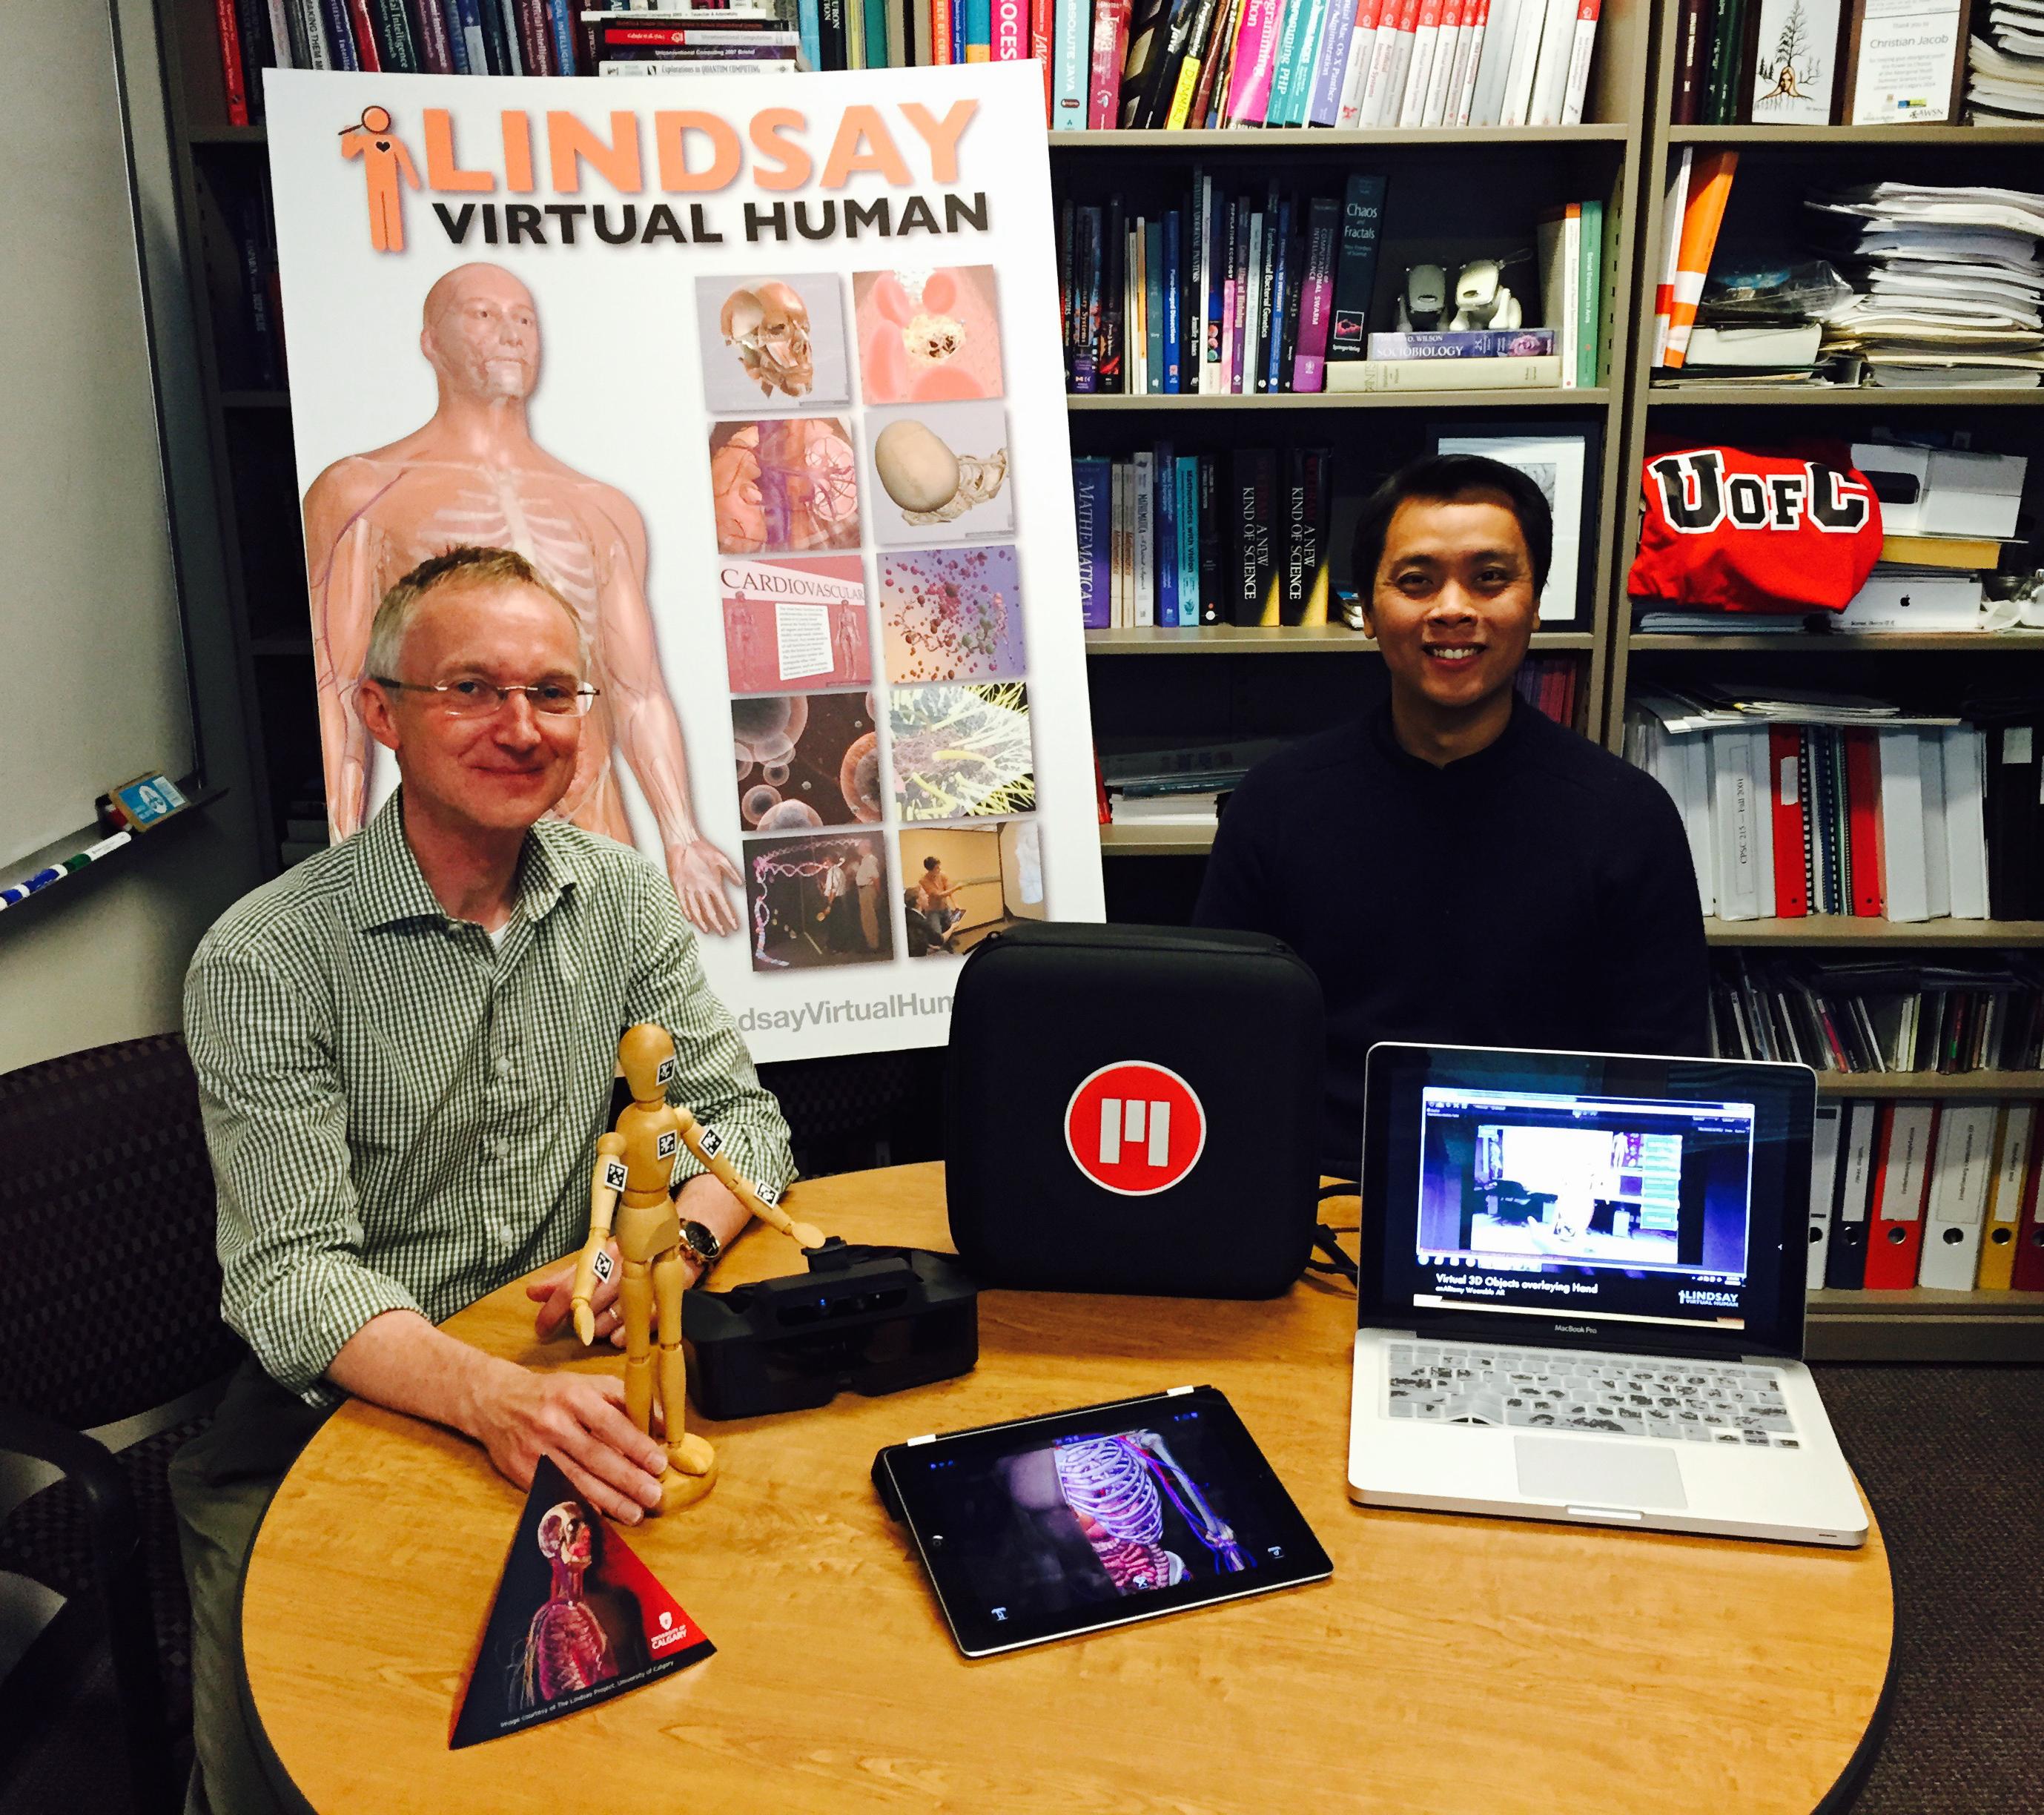 LINDSAY Virtual Human: anARtomy - Jacob and Santoso